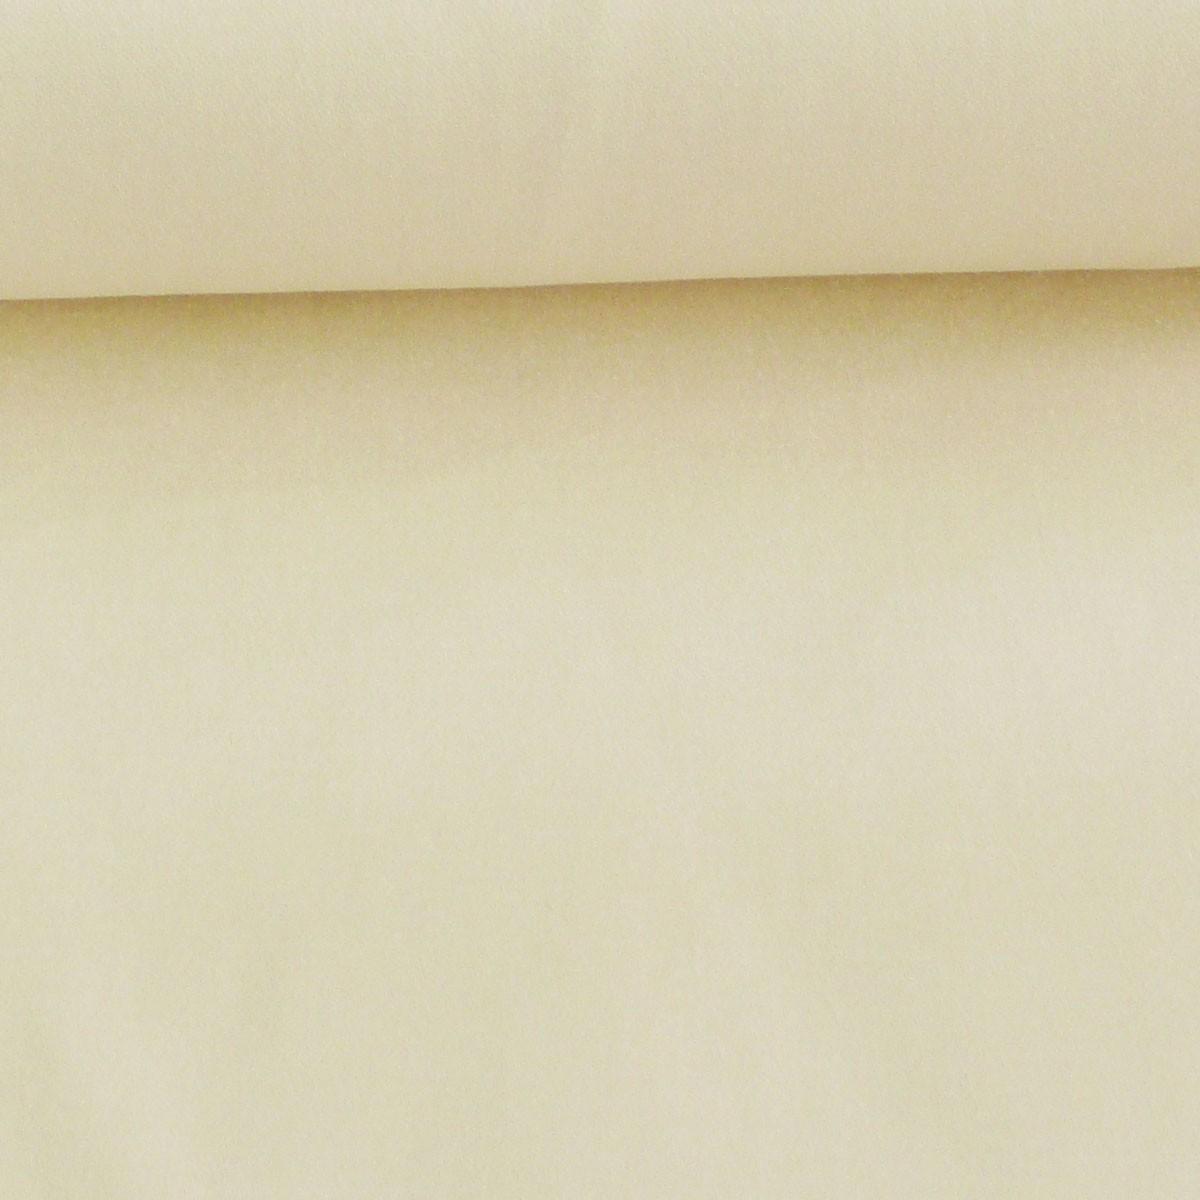 Baumwolle Stoff Meterware Baumwolle Satin Spandex ecru 1,45m Breite